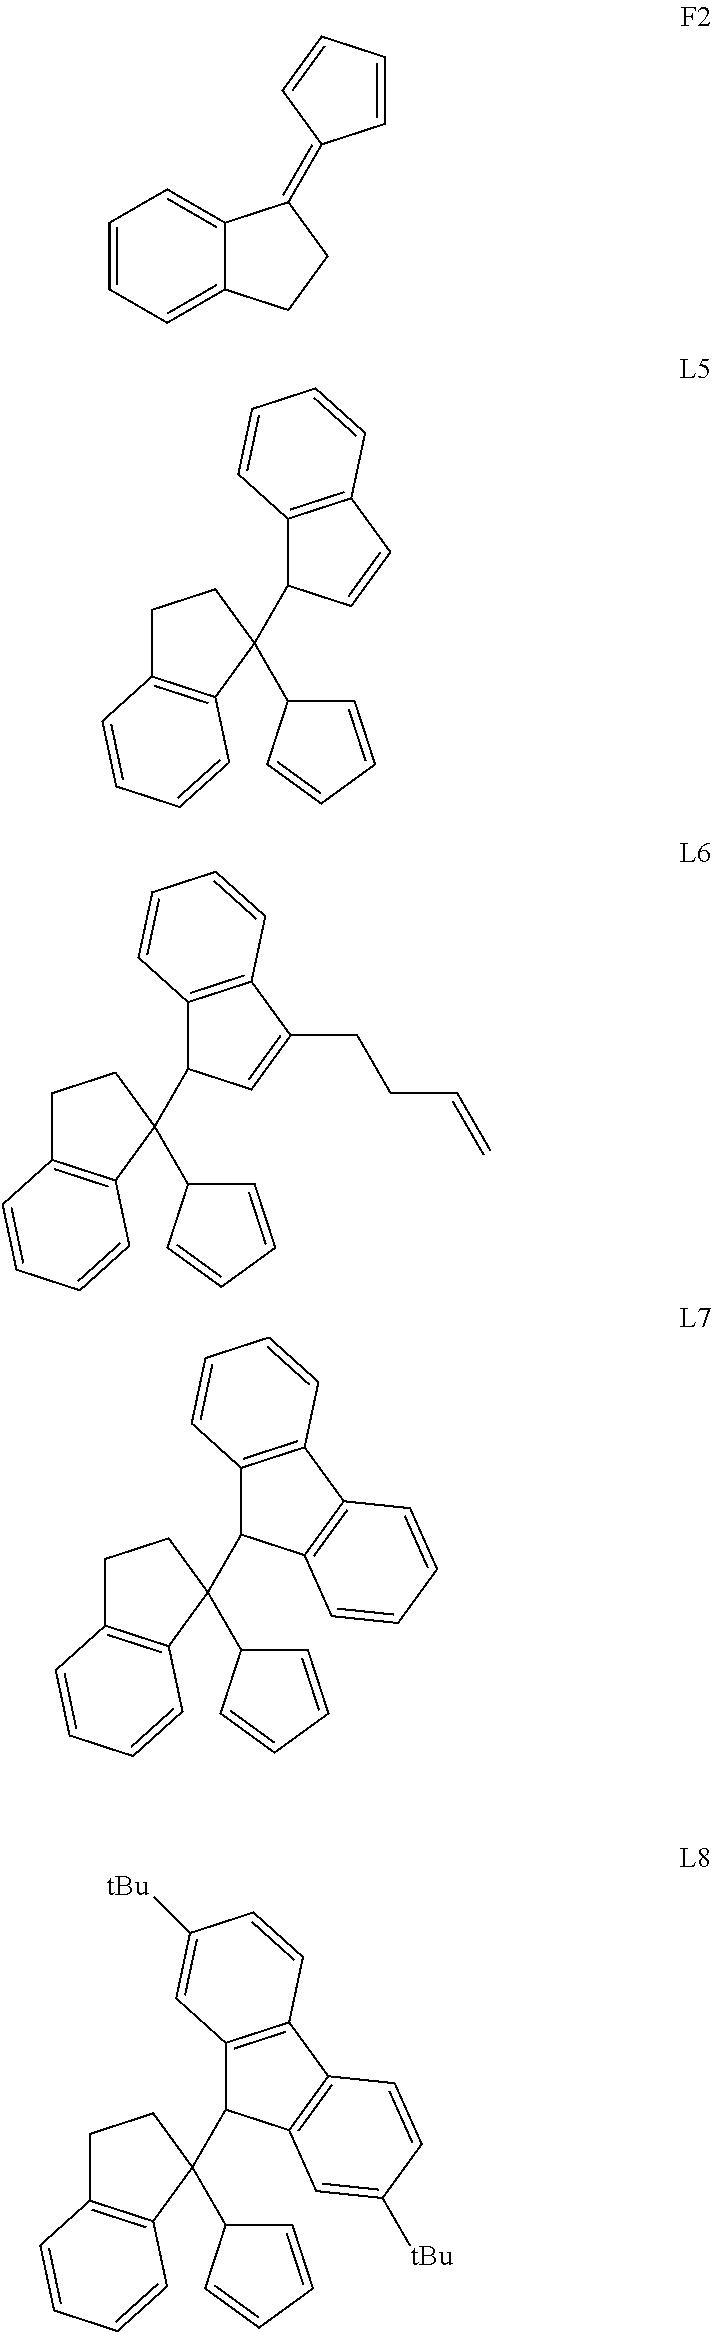 Figure US09758600-20170912-C00015